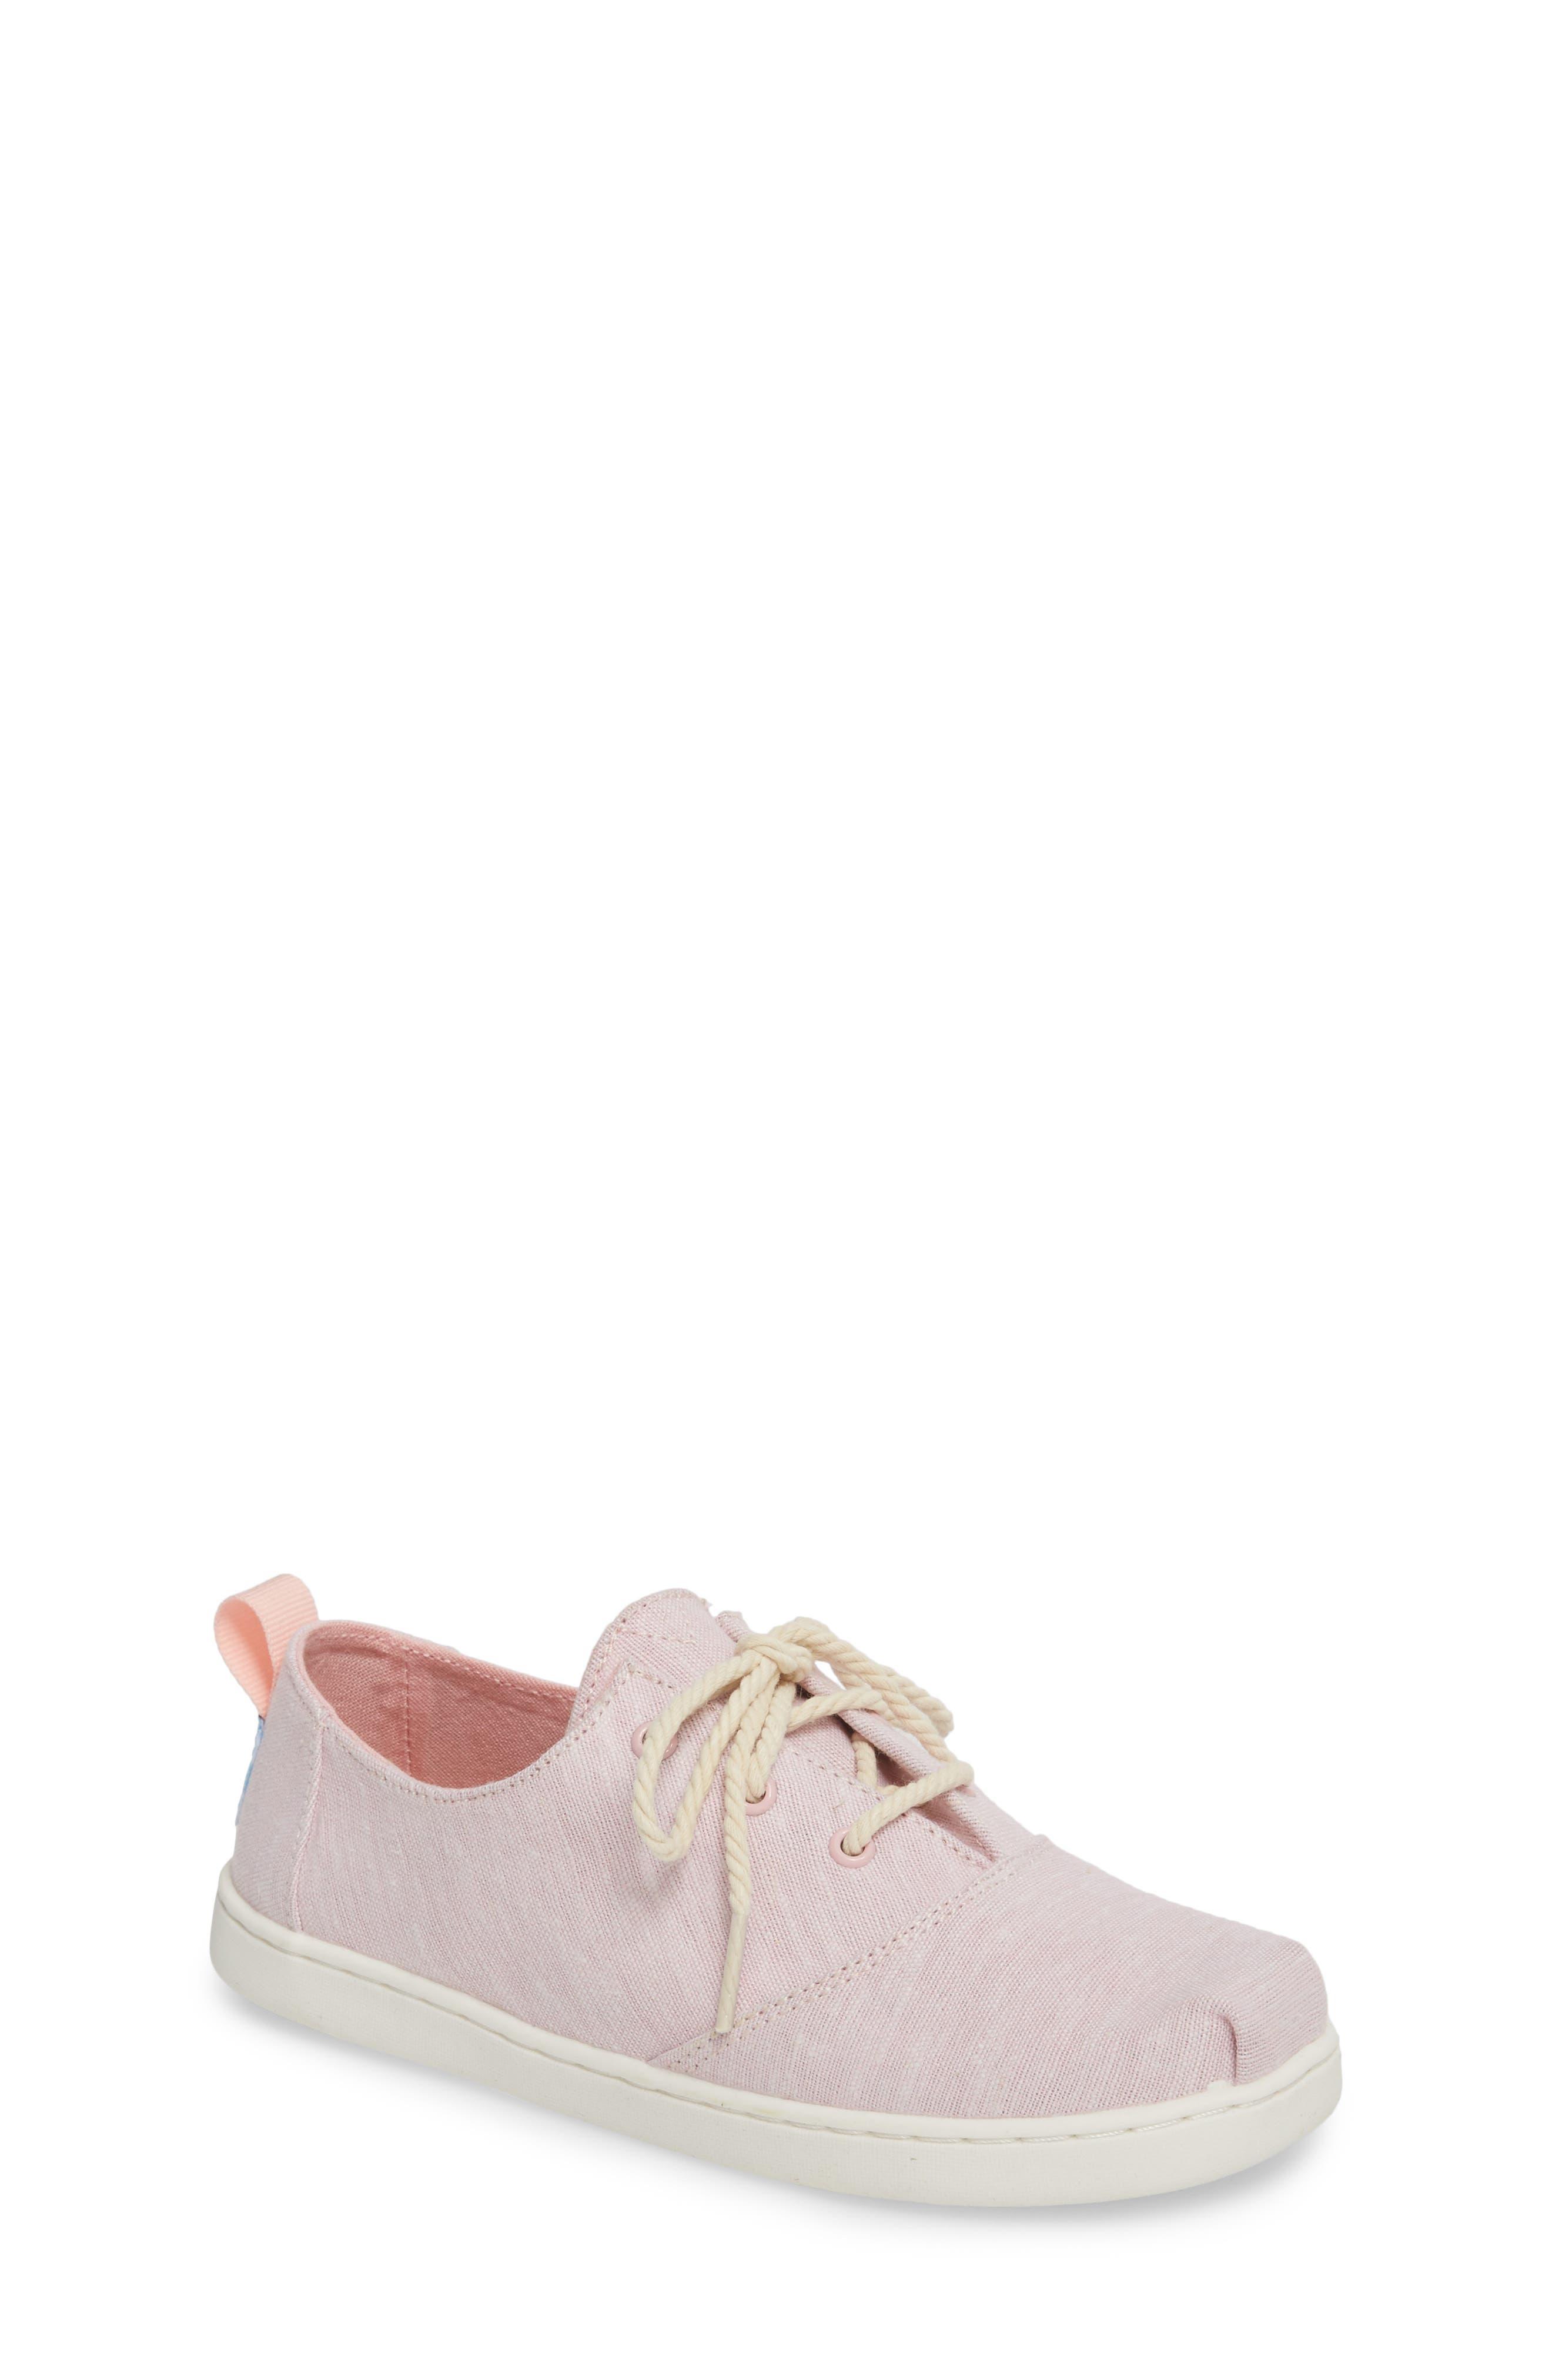 Lumin Sneaker,                             Main thumbnail 1, color,                             650